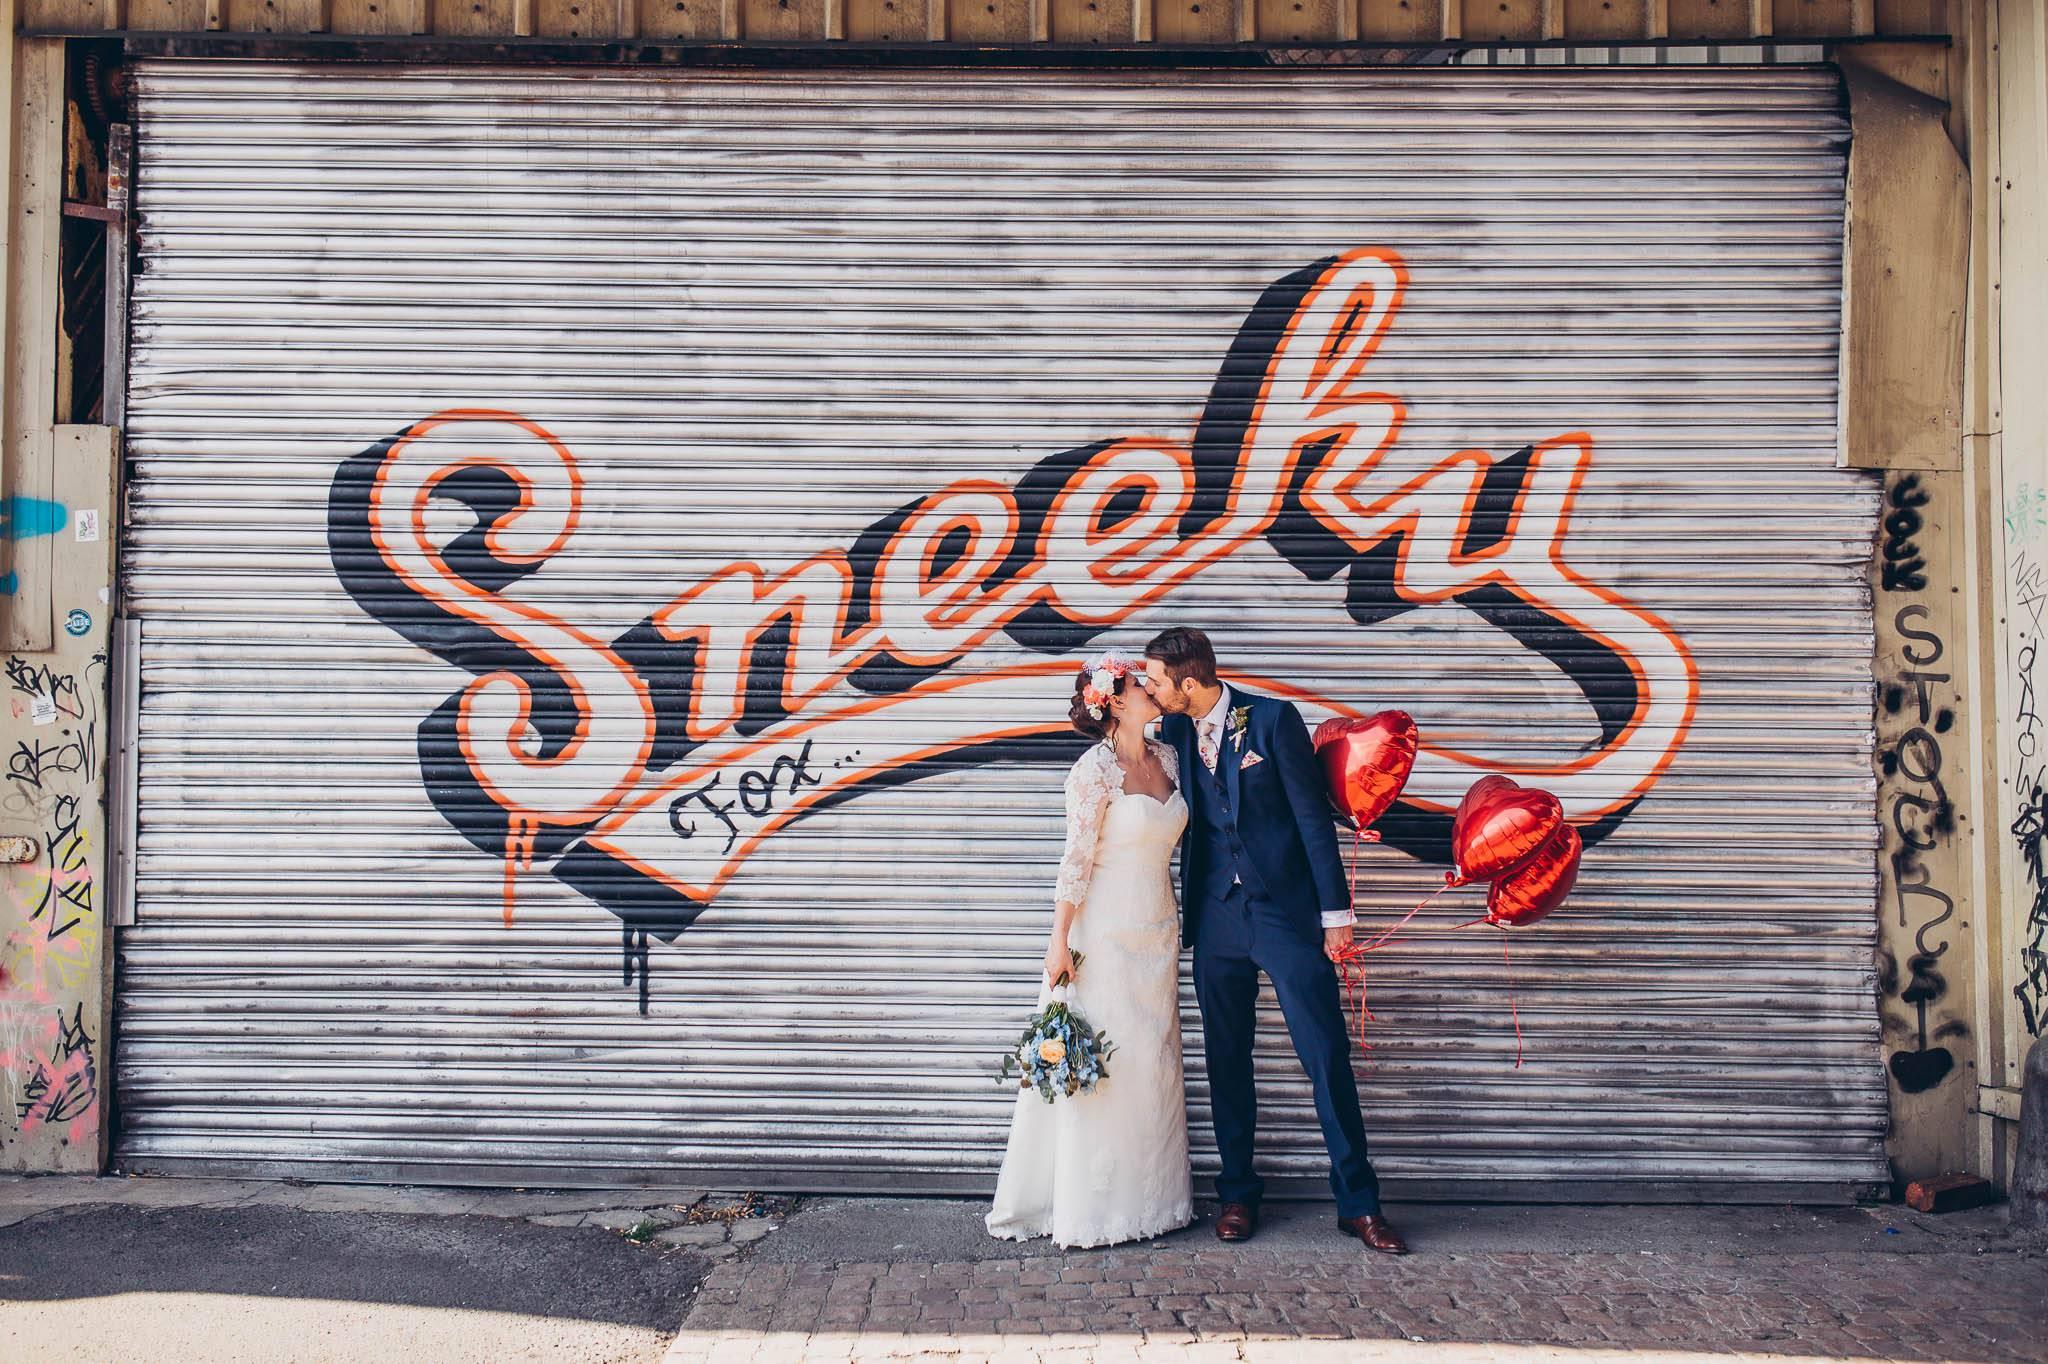 birmingham-wedding-photographer 19.jpg